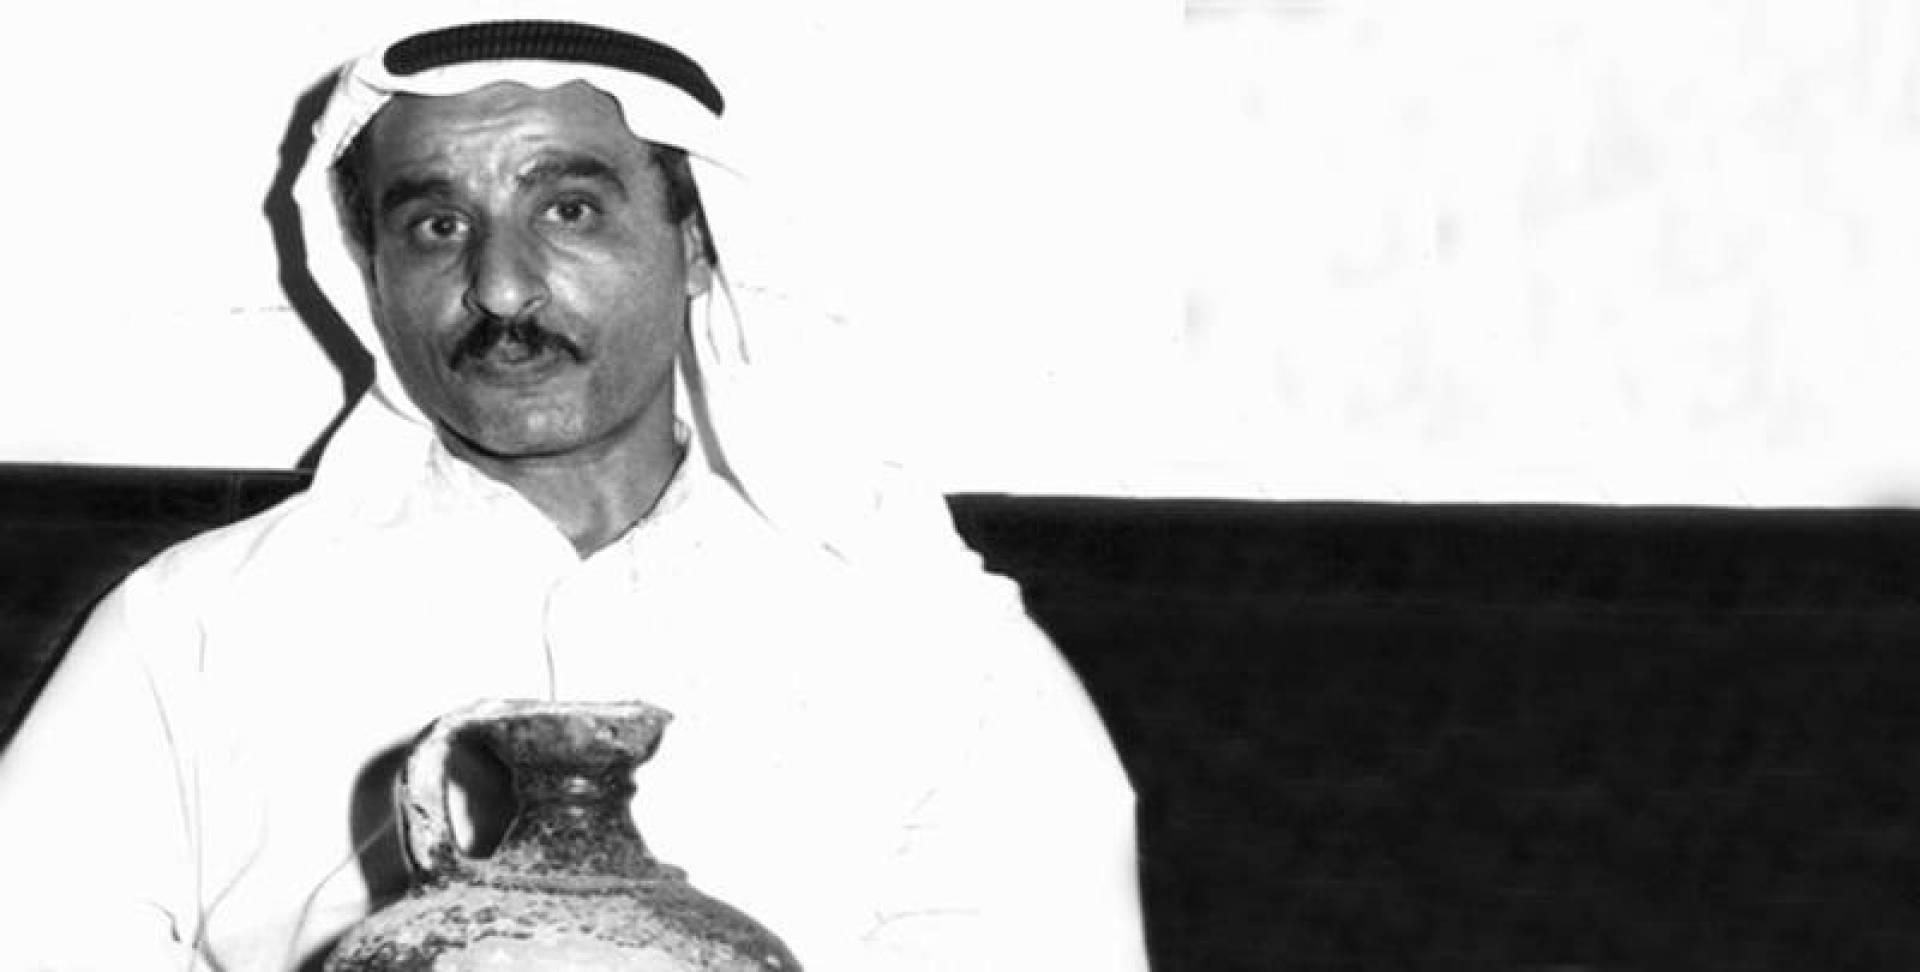 خالد سعود الزيد يمسك بجرة الصبية بعد اكتشافها.. أرشيفية